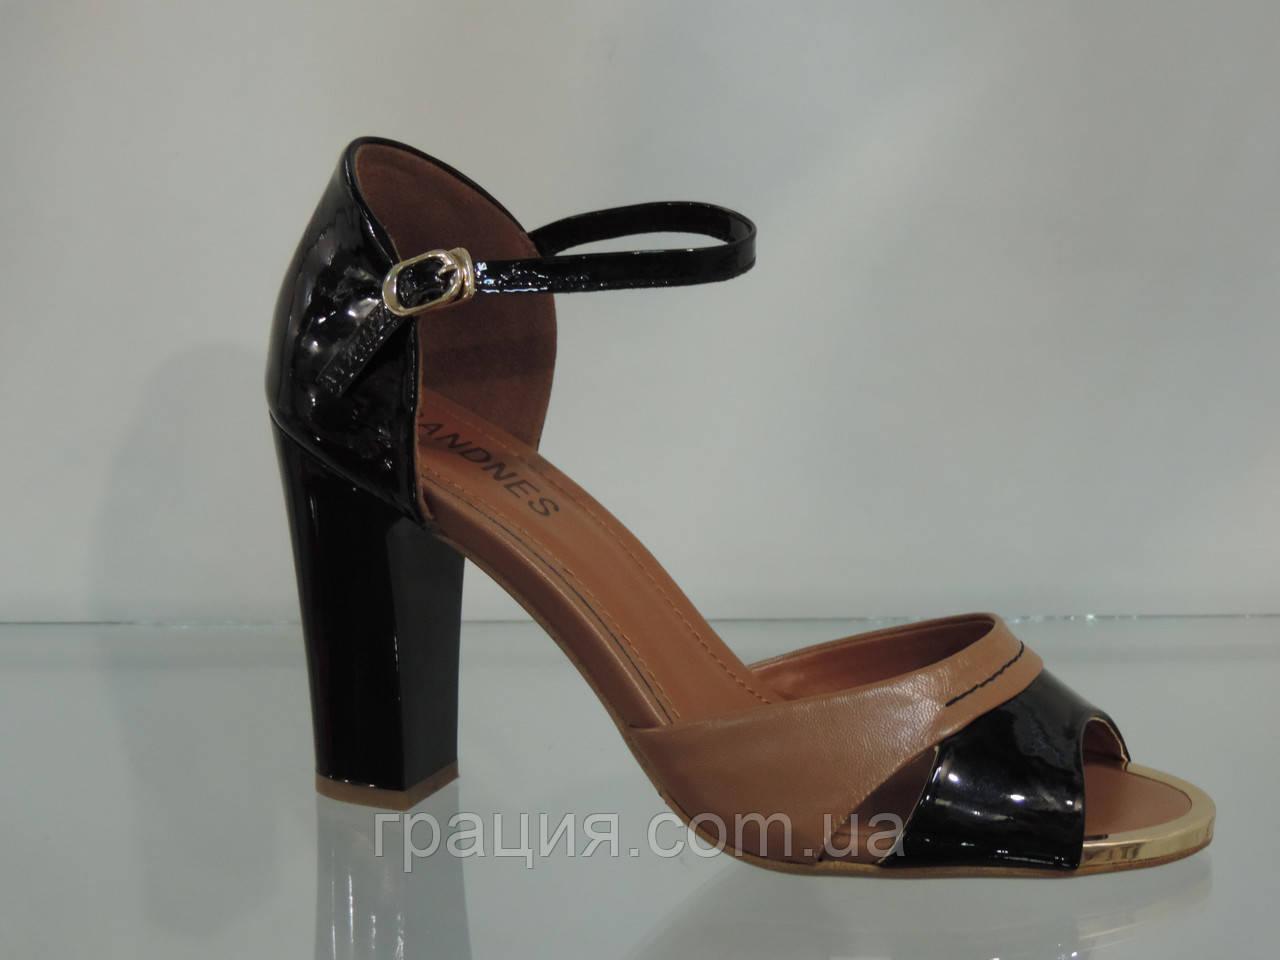 Модные босоножки на каблуке с закрытой пяткой